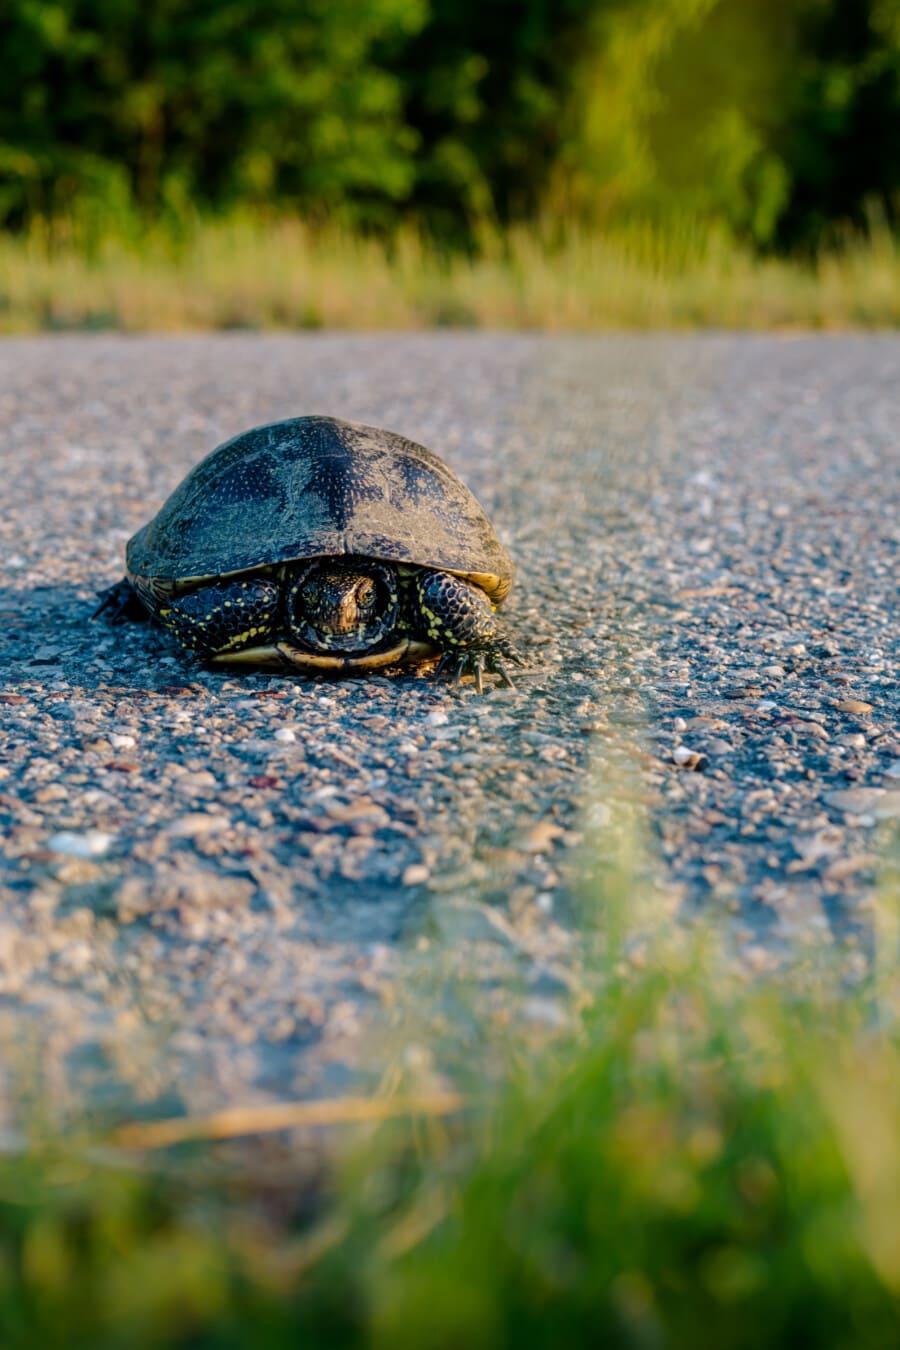 Schildkröte, Kreuzung, Asphalt, Straße, Natur, Reptil, Gras, im freien, Sommer, Schönwetter